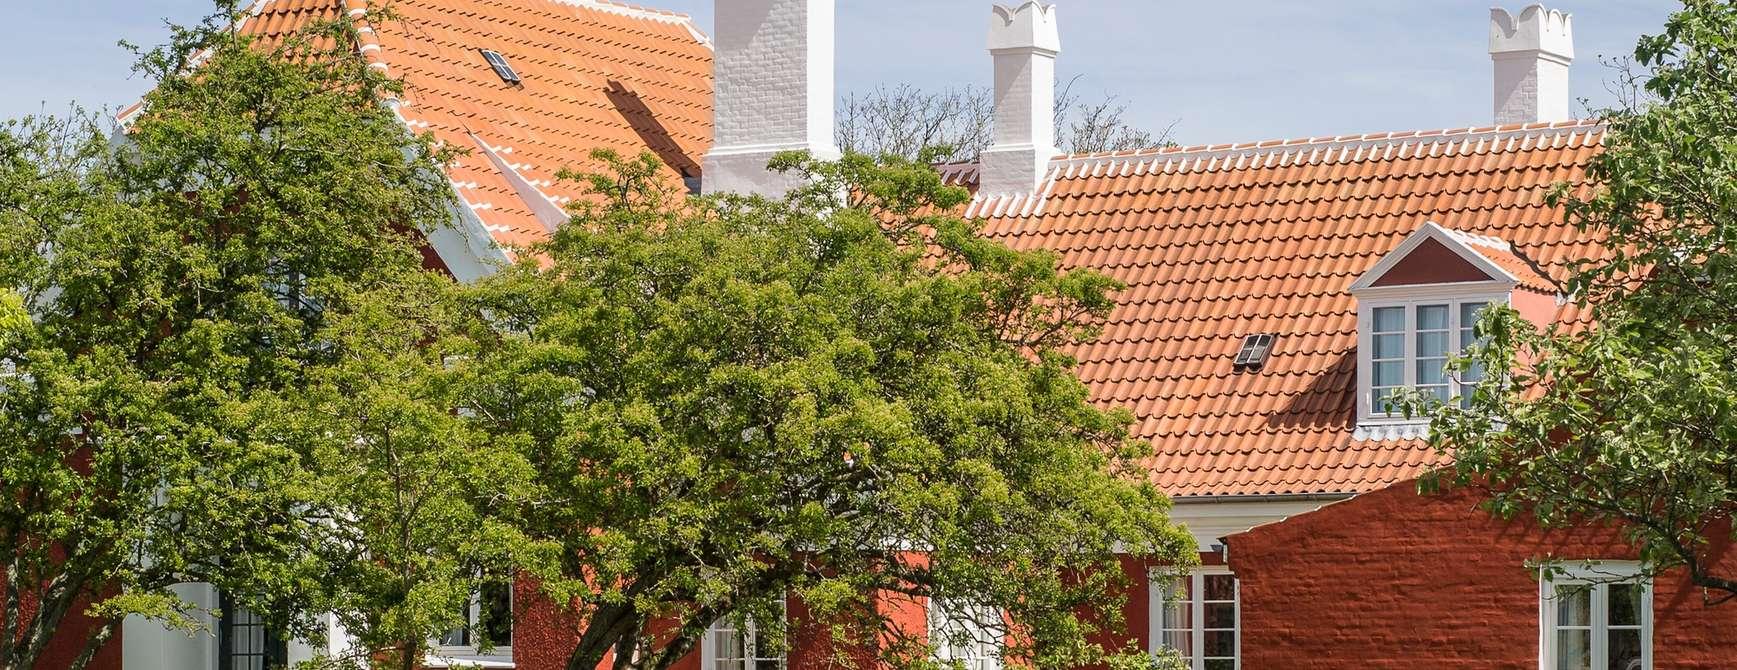 Anchers Hus - Ulrik Plesners tilbygning set fra haven. Photo: Skagens Kunstmuseer | Art Museums of Skagen